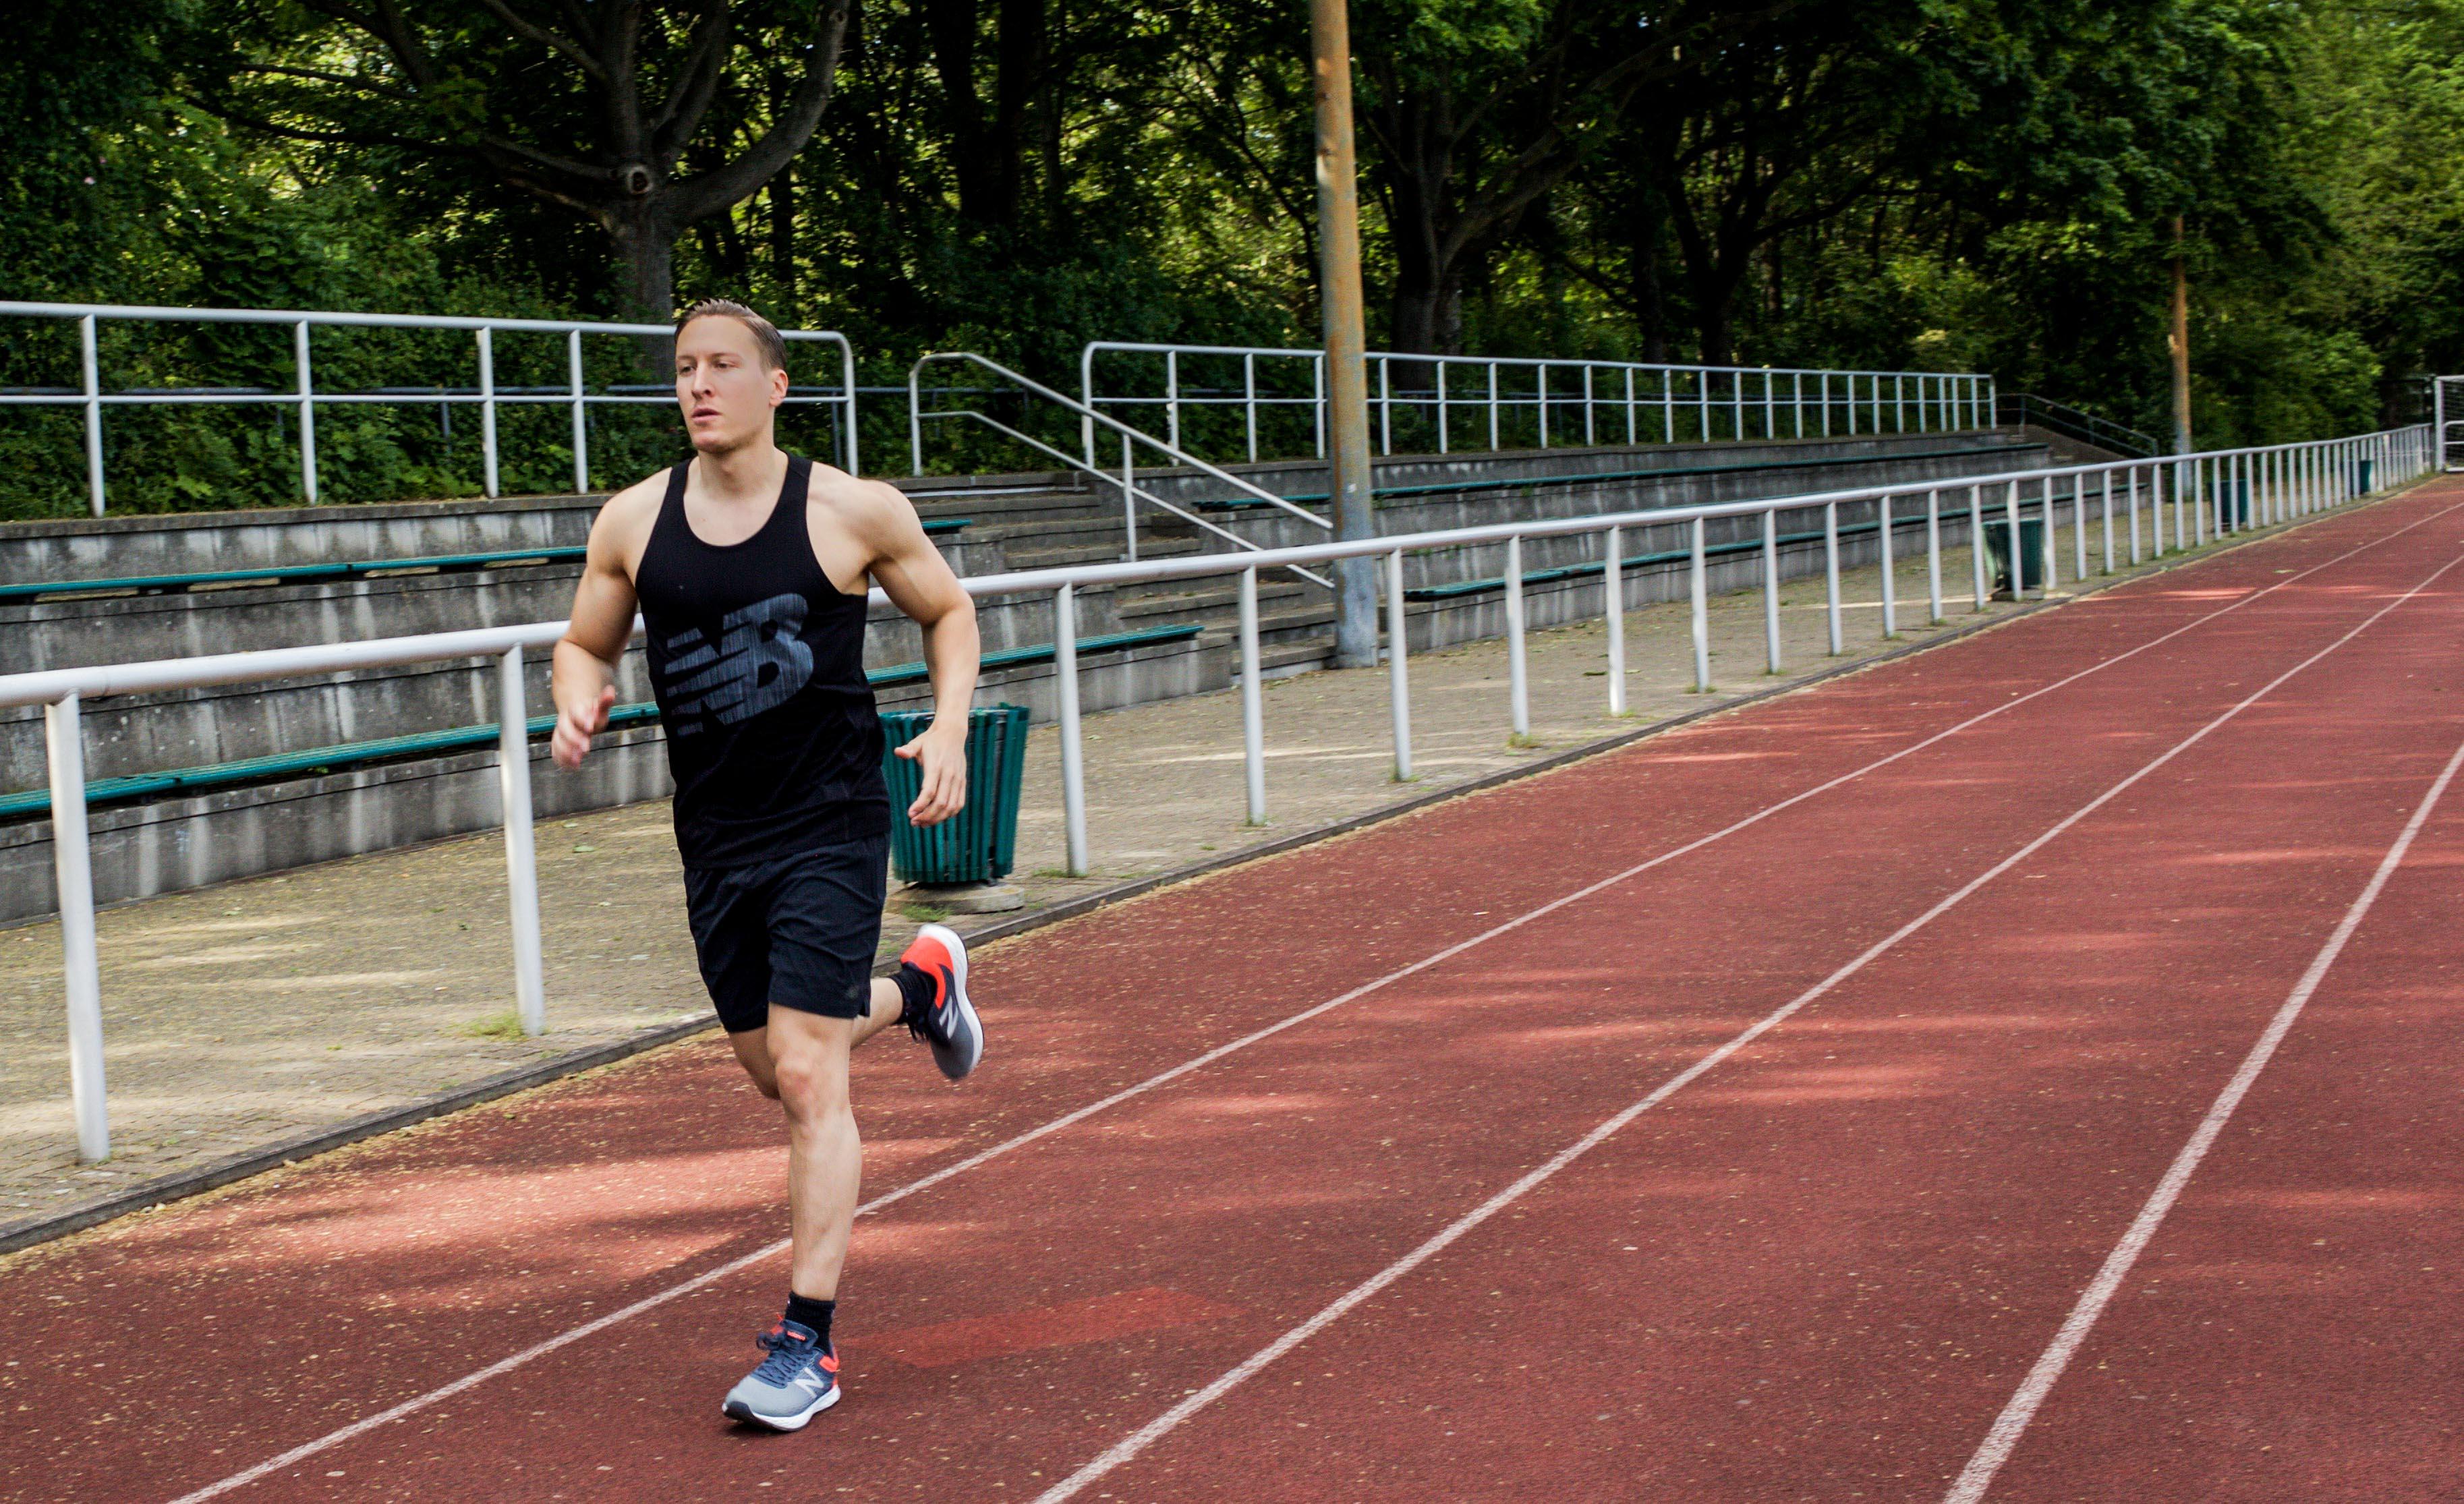 hiit-training-trainingsplan-hochintensives-intervalltraining-vorteile-fitness-sport-ausdauer-abnehmen_6193